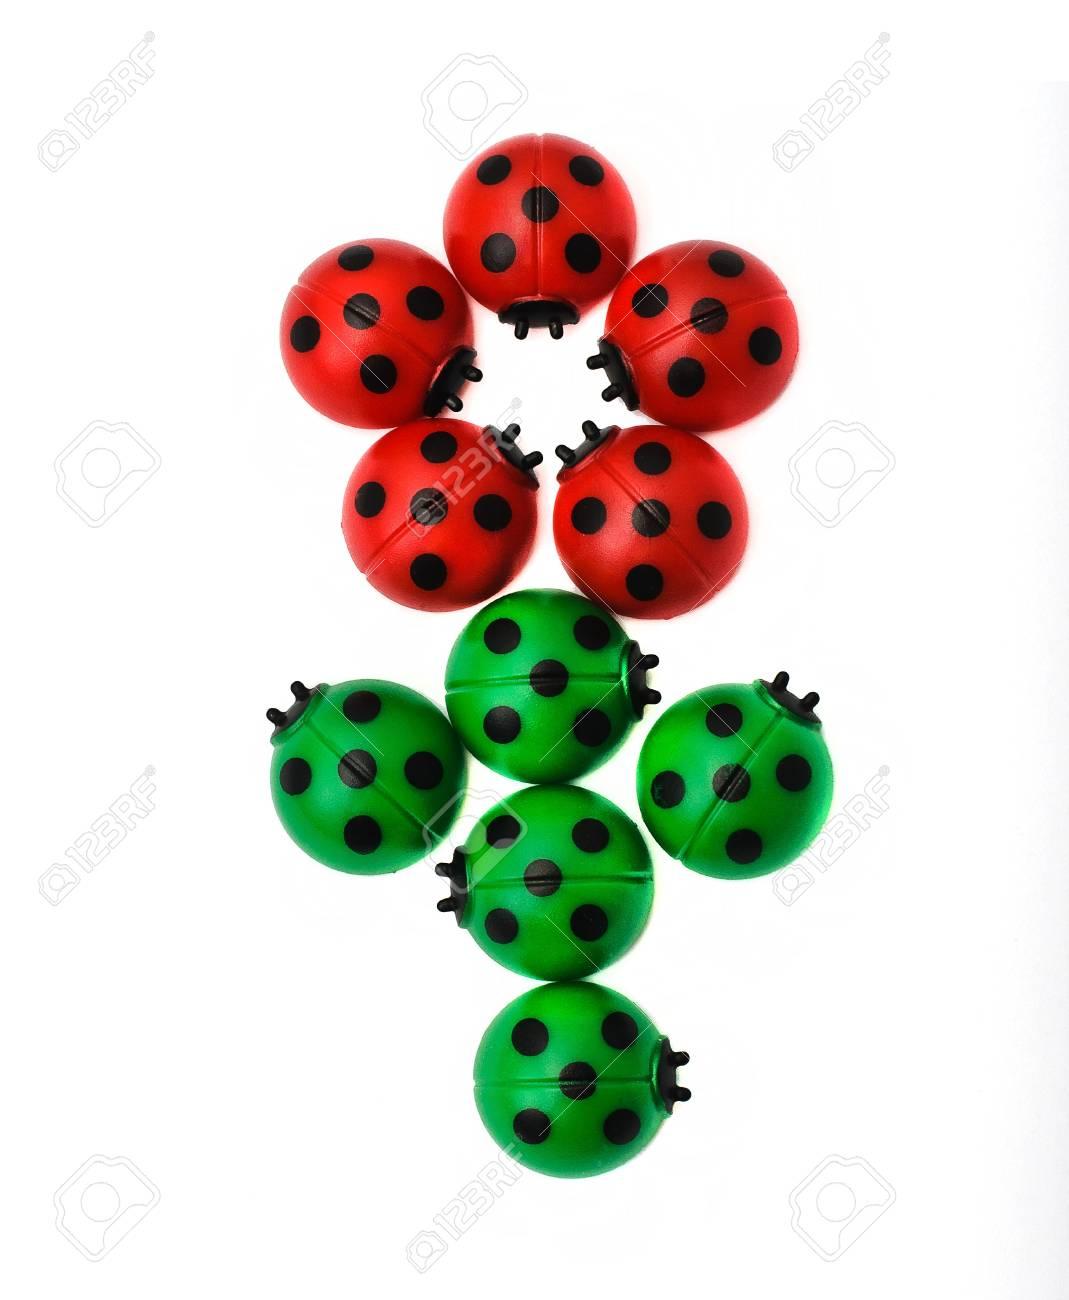 Flower from ladybugs, isolated on white background Stock Photo - 11588727